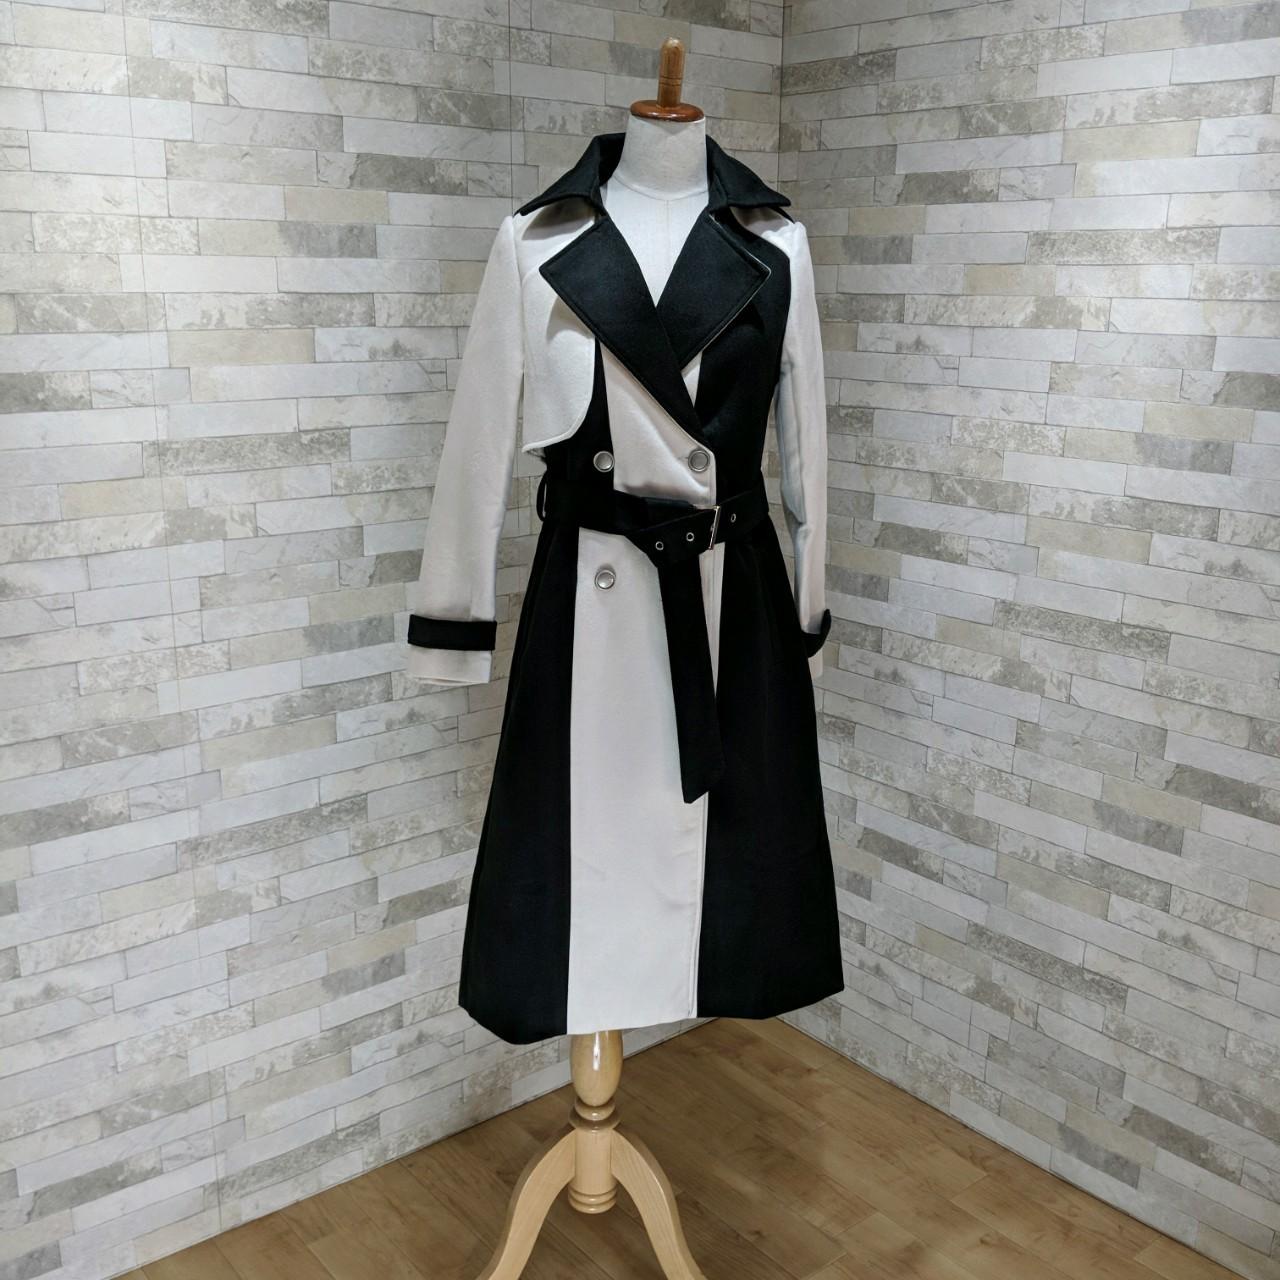 【即納】韓国 ファッション アウター コート 秋 冬 パーティー ブライダル SPTXG918  ミリタリー調 バイカラー アシンメトリー 二次会 セレブ きれいめの写真8枚目